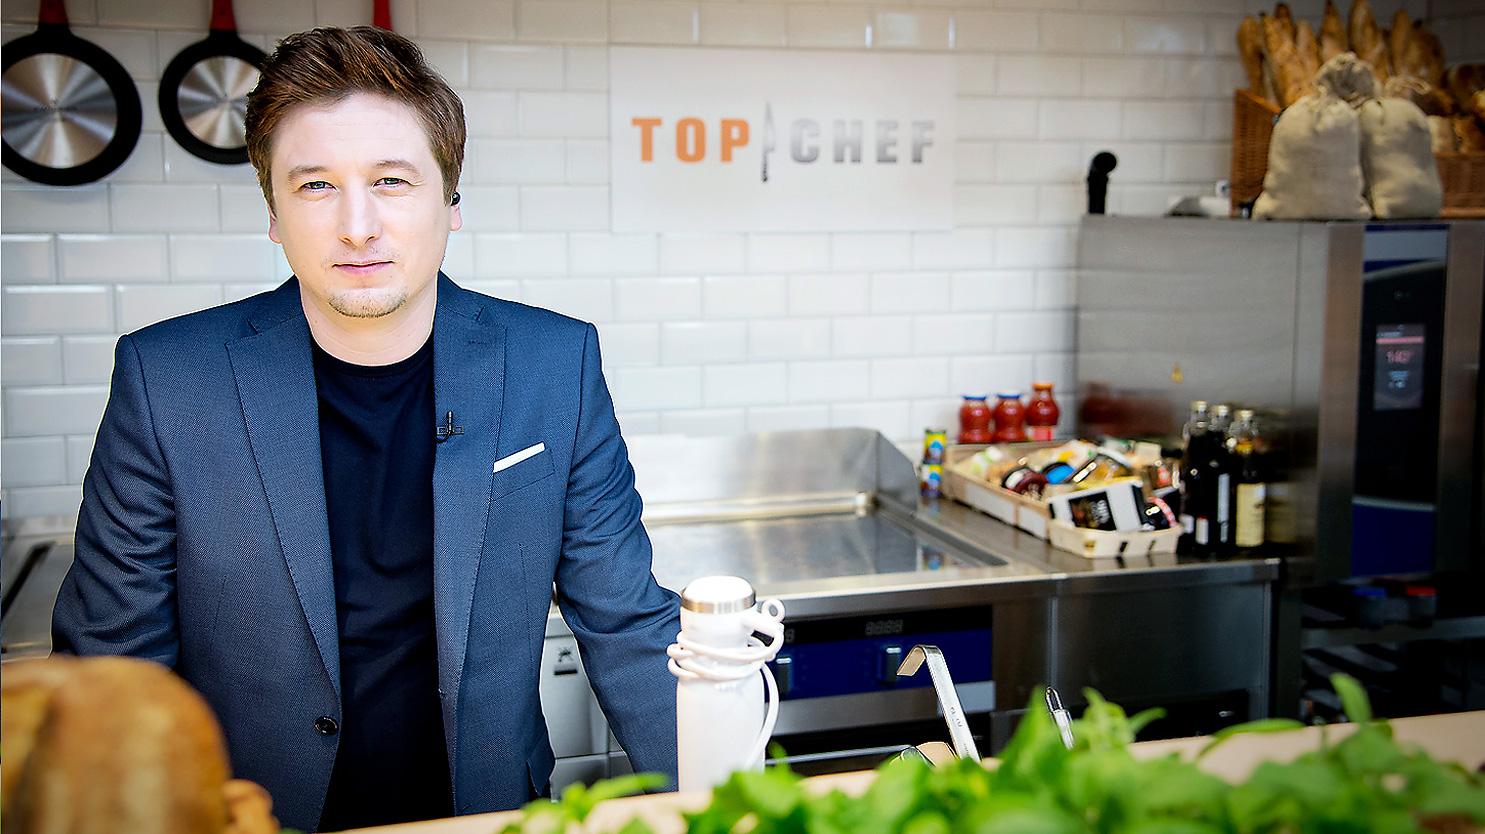 Grzegorz Łapanowski: Top Chef to wielkie wyzwanie - Polsat.pl